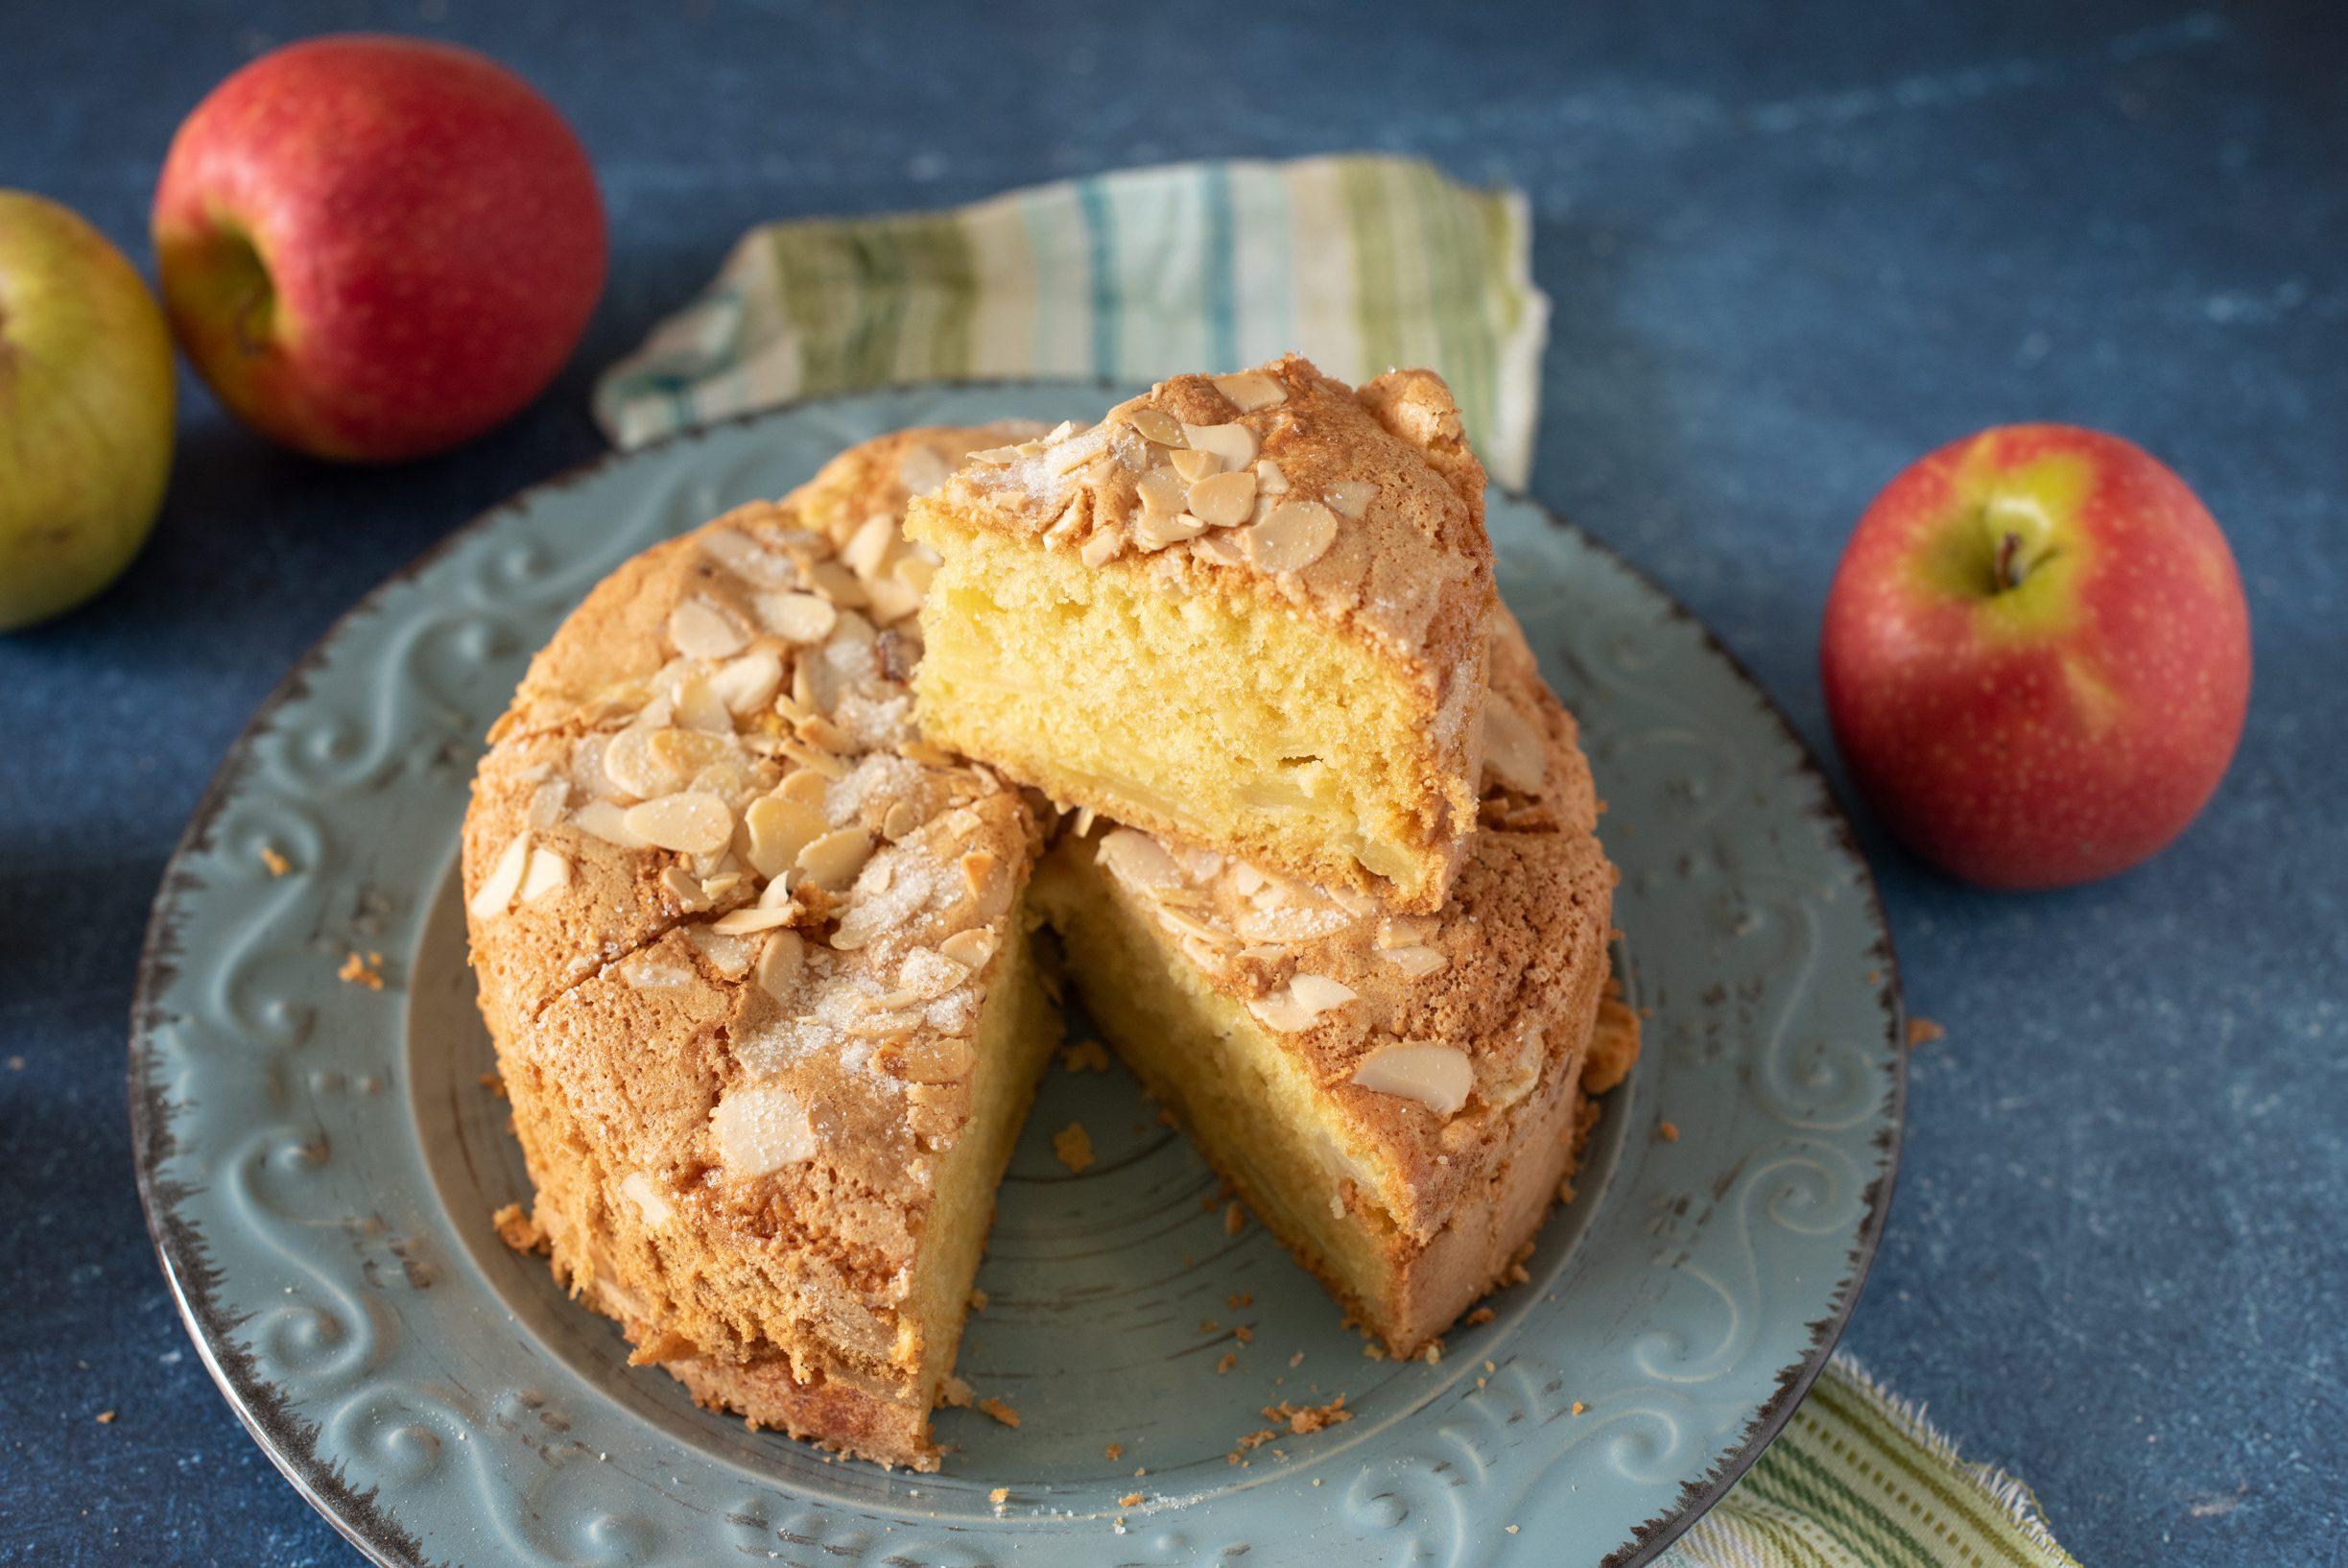 Torta di mele 3x9